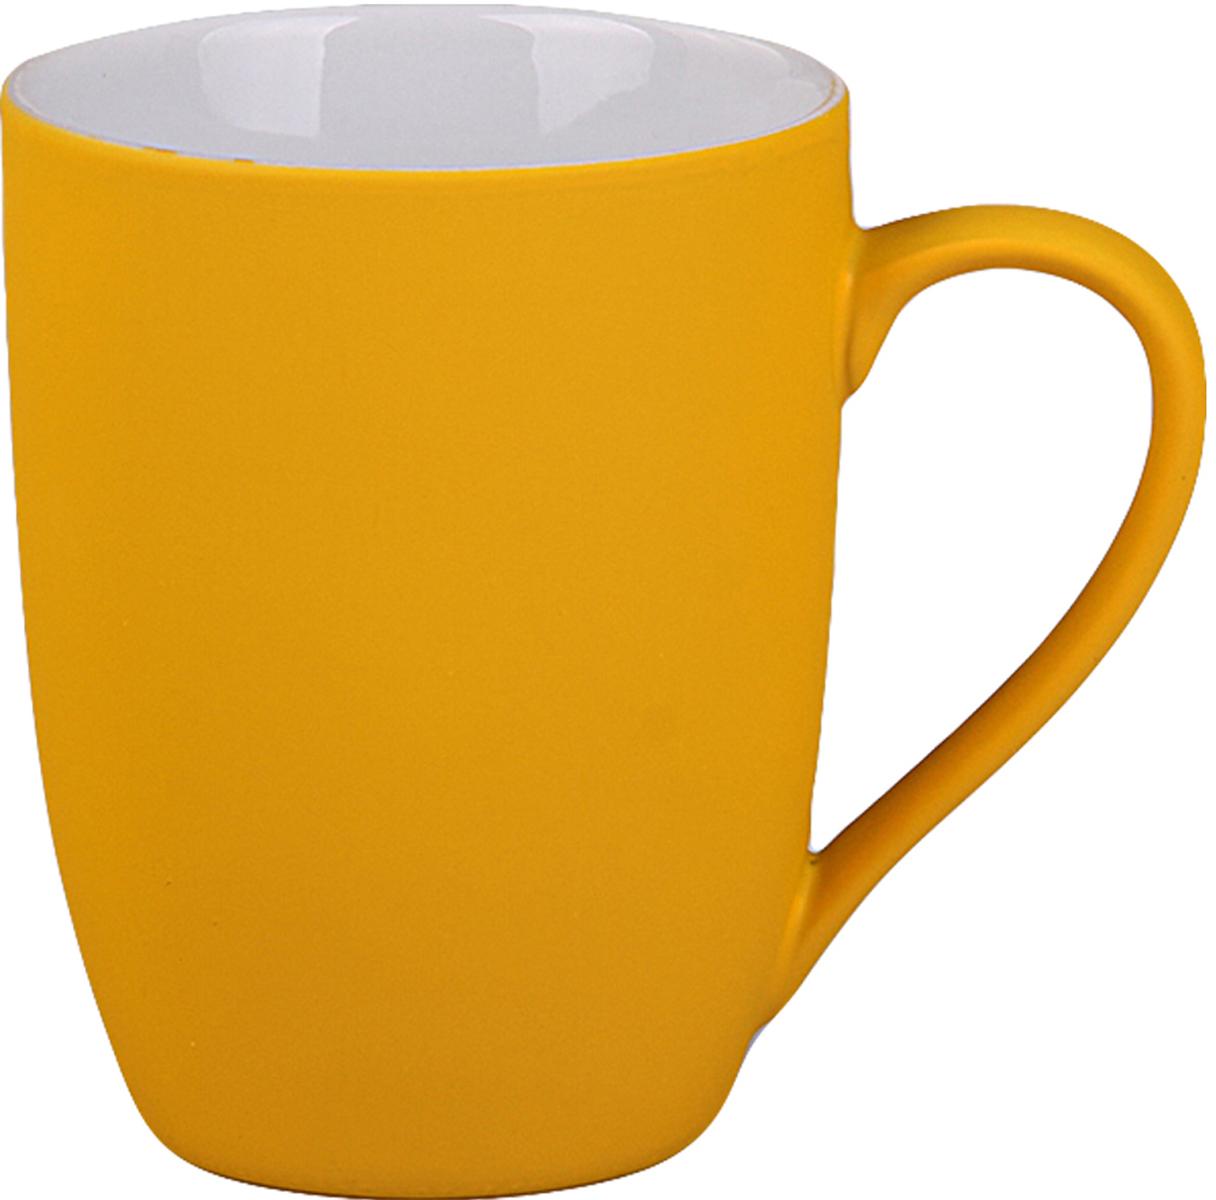 """Столовая кружка """"Patricia"""" выполнена из фарфора. Кружка оснащена удобной ручкой.Подходит для мытья в посудомоечной машине.Объем: 280 мл."""